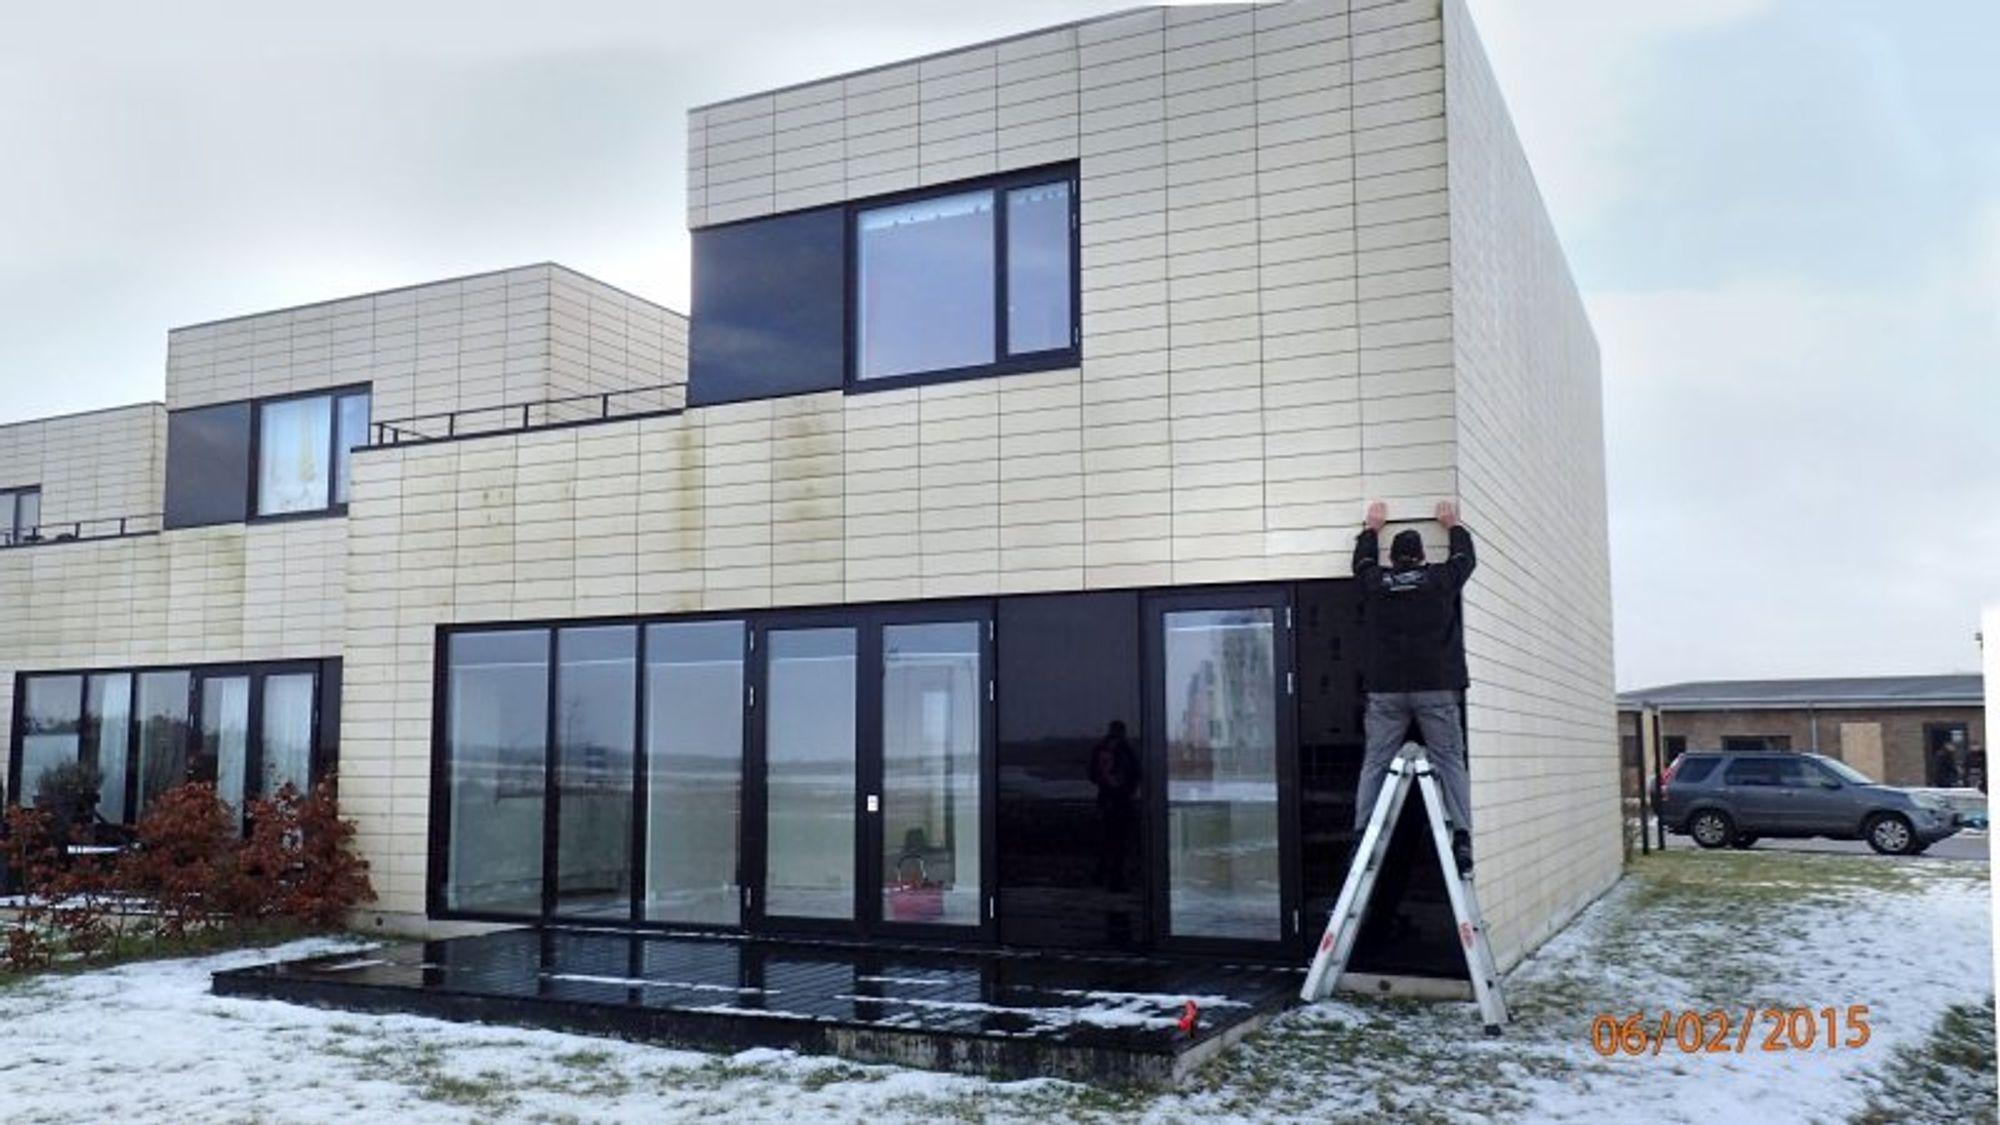 En del av beboerne i denne rekkehusbebyggelsen i Tjørring i Danmark ble nektet erstatning av forsikringsselskapene sine, selv om husene hadde fuktabsorberende MgO-plater i fasaden. En ny voldgiftskjennelse gjennomhuller nå argumentene til forsikringsselskapene. Foto: Orla Nautrup, Dansk Bygningsundersøgelse